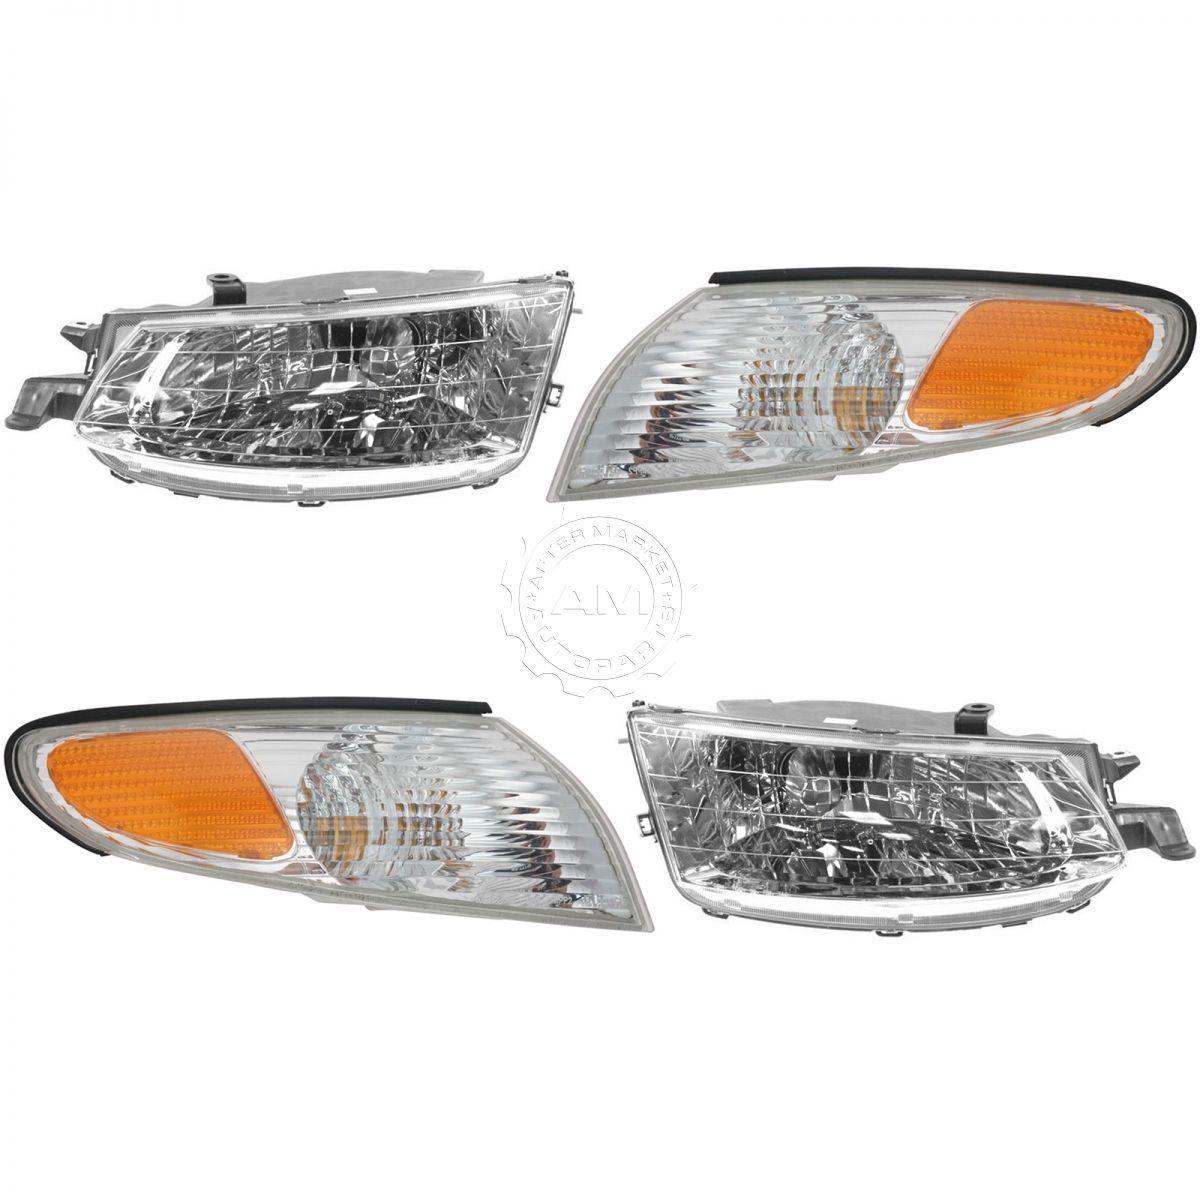 コーナーライト Headlight Headlamp Corner Light Lamp Kit Set of 4 for 99-01 Toyota Solara NEW トヨタソララ99-01用ヘッドライトヘッドランプコーナーライトランプキット4点セットNEW